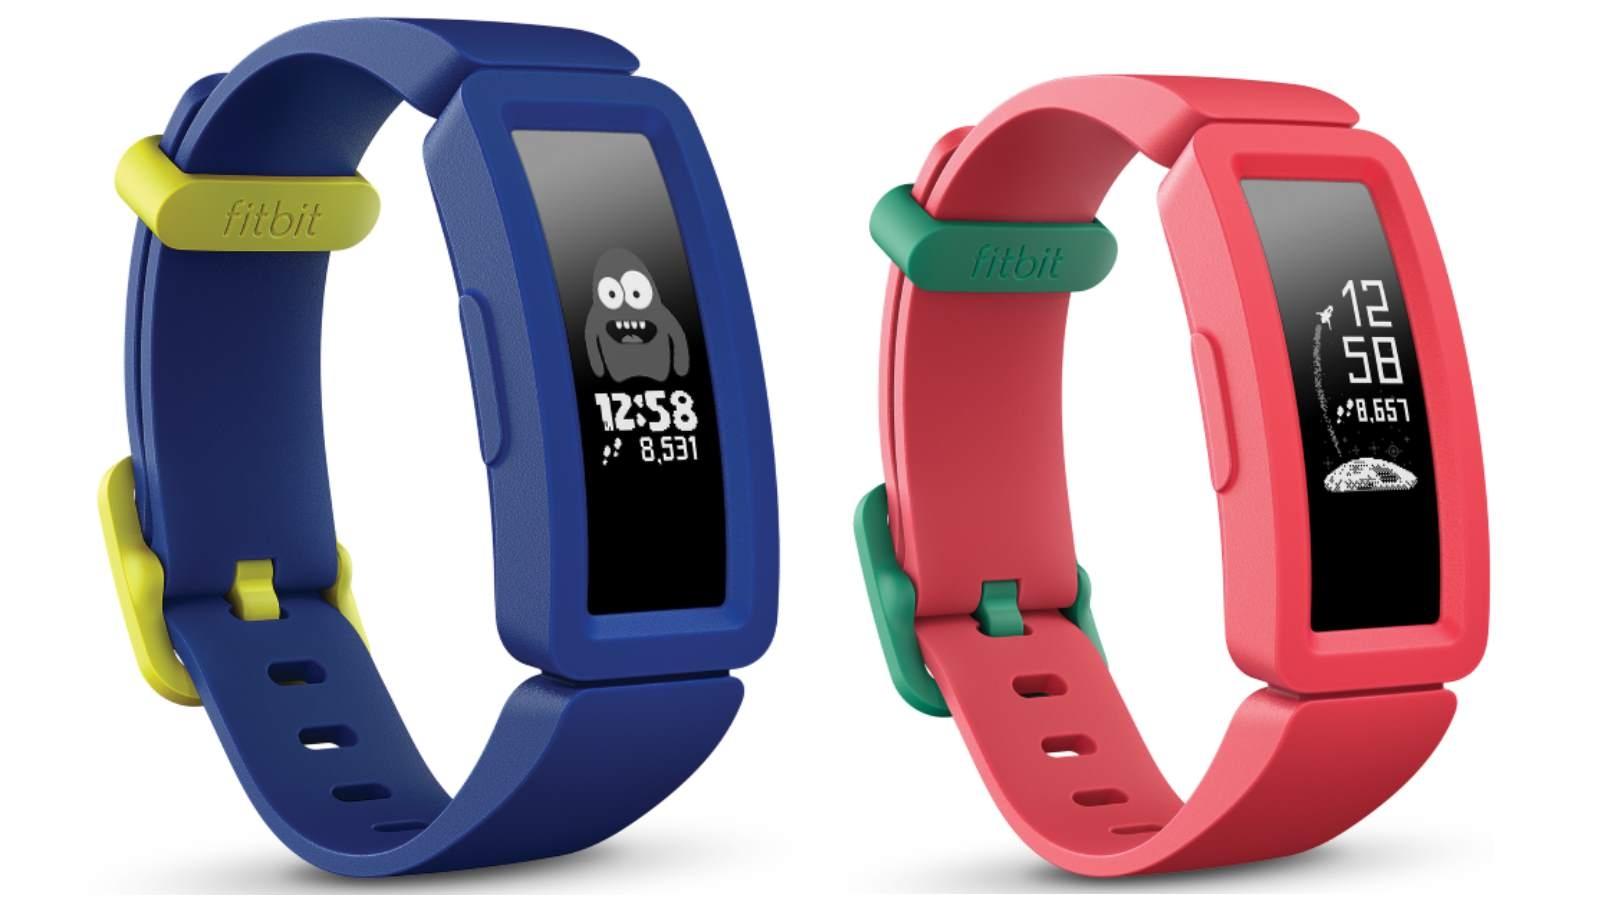 Fitbit Ace 2 smartwatch